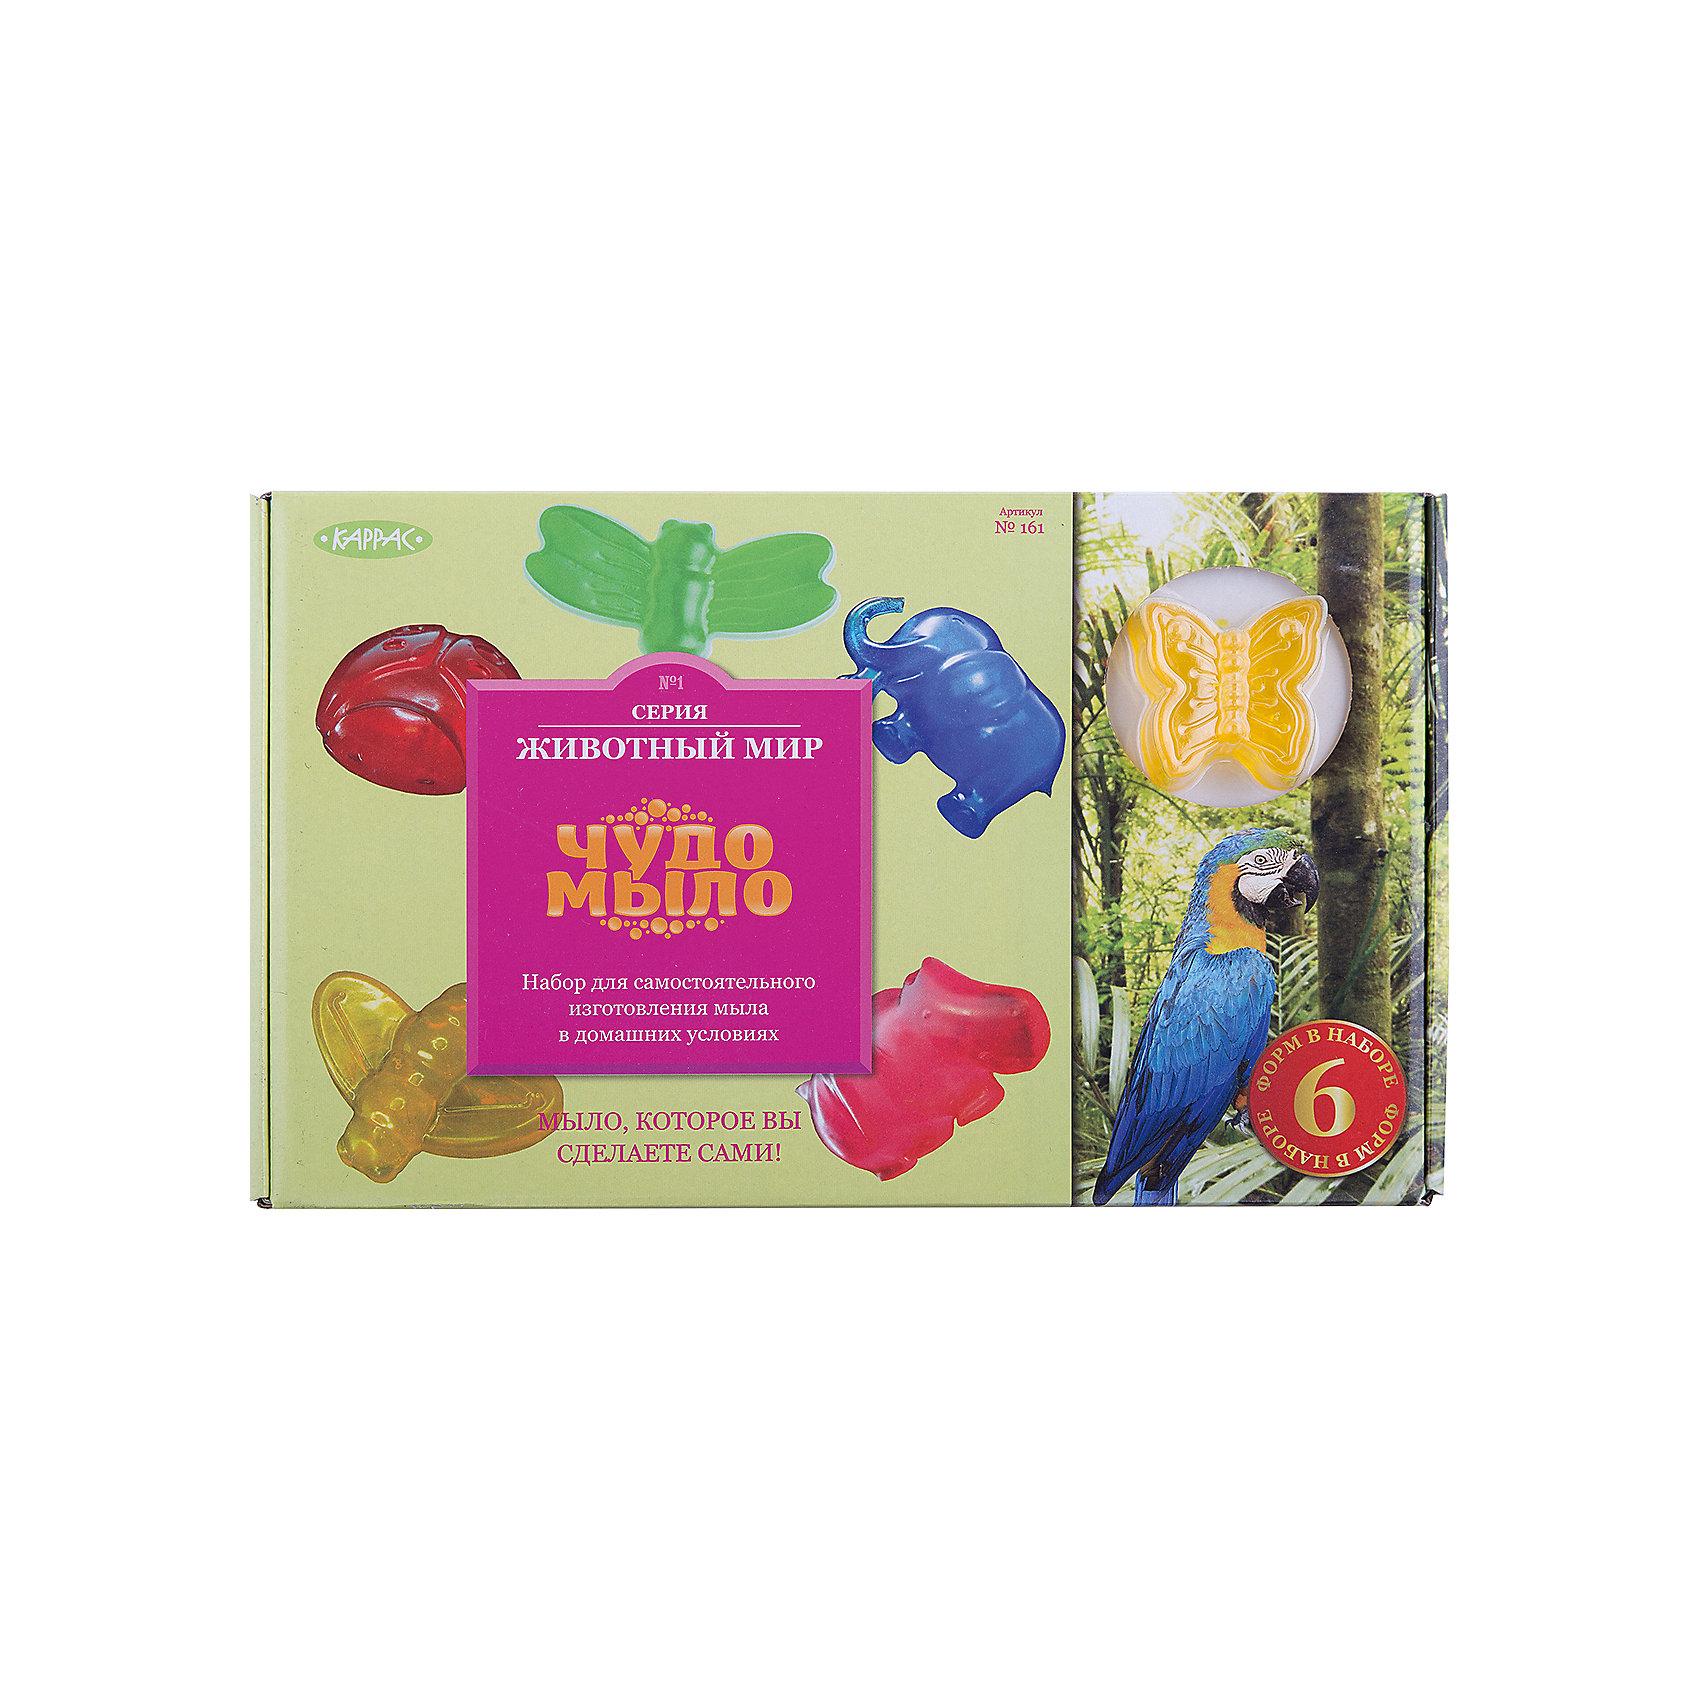 Чудо-Мыло Животный мир  (большой набор)Создание мыла<br>Эксклюзивный набор для создания «Чудо-мыла» своими руками. С помощью различных ингредиентов Вы сделаете неповторимые образцы мыла самых разных цветов и ароматов. Удивительное мыло ручной работы станет прекрасным подарком для Ваших друзей и близких.   <br><br>Прозрачная мыльная основа (300 г)<br>Натуральные пищевые красители 3шт<br>Натуральные ароматизаторы 3шт<br> Глиняная чаша  для микроволновой печи  <br> Деревянные палочки 3шт.<br> Защитные перчатки 2 пары<br> Формы для мыла 6 шт.<br><br>Ширина мм: 320<br>Глубина мм: 70<br>Высота мм: 200<br>Вес г: 890<br>Возраст от месяцев: 96<br>Возраст до месяцев: 180<br>Пол: Унисекс<br>Возраст: Детский<br>SKU: 5083862